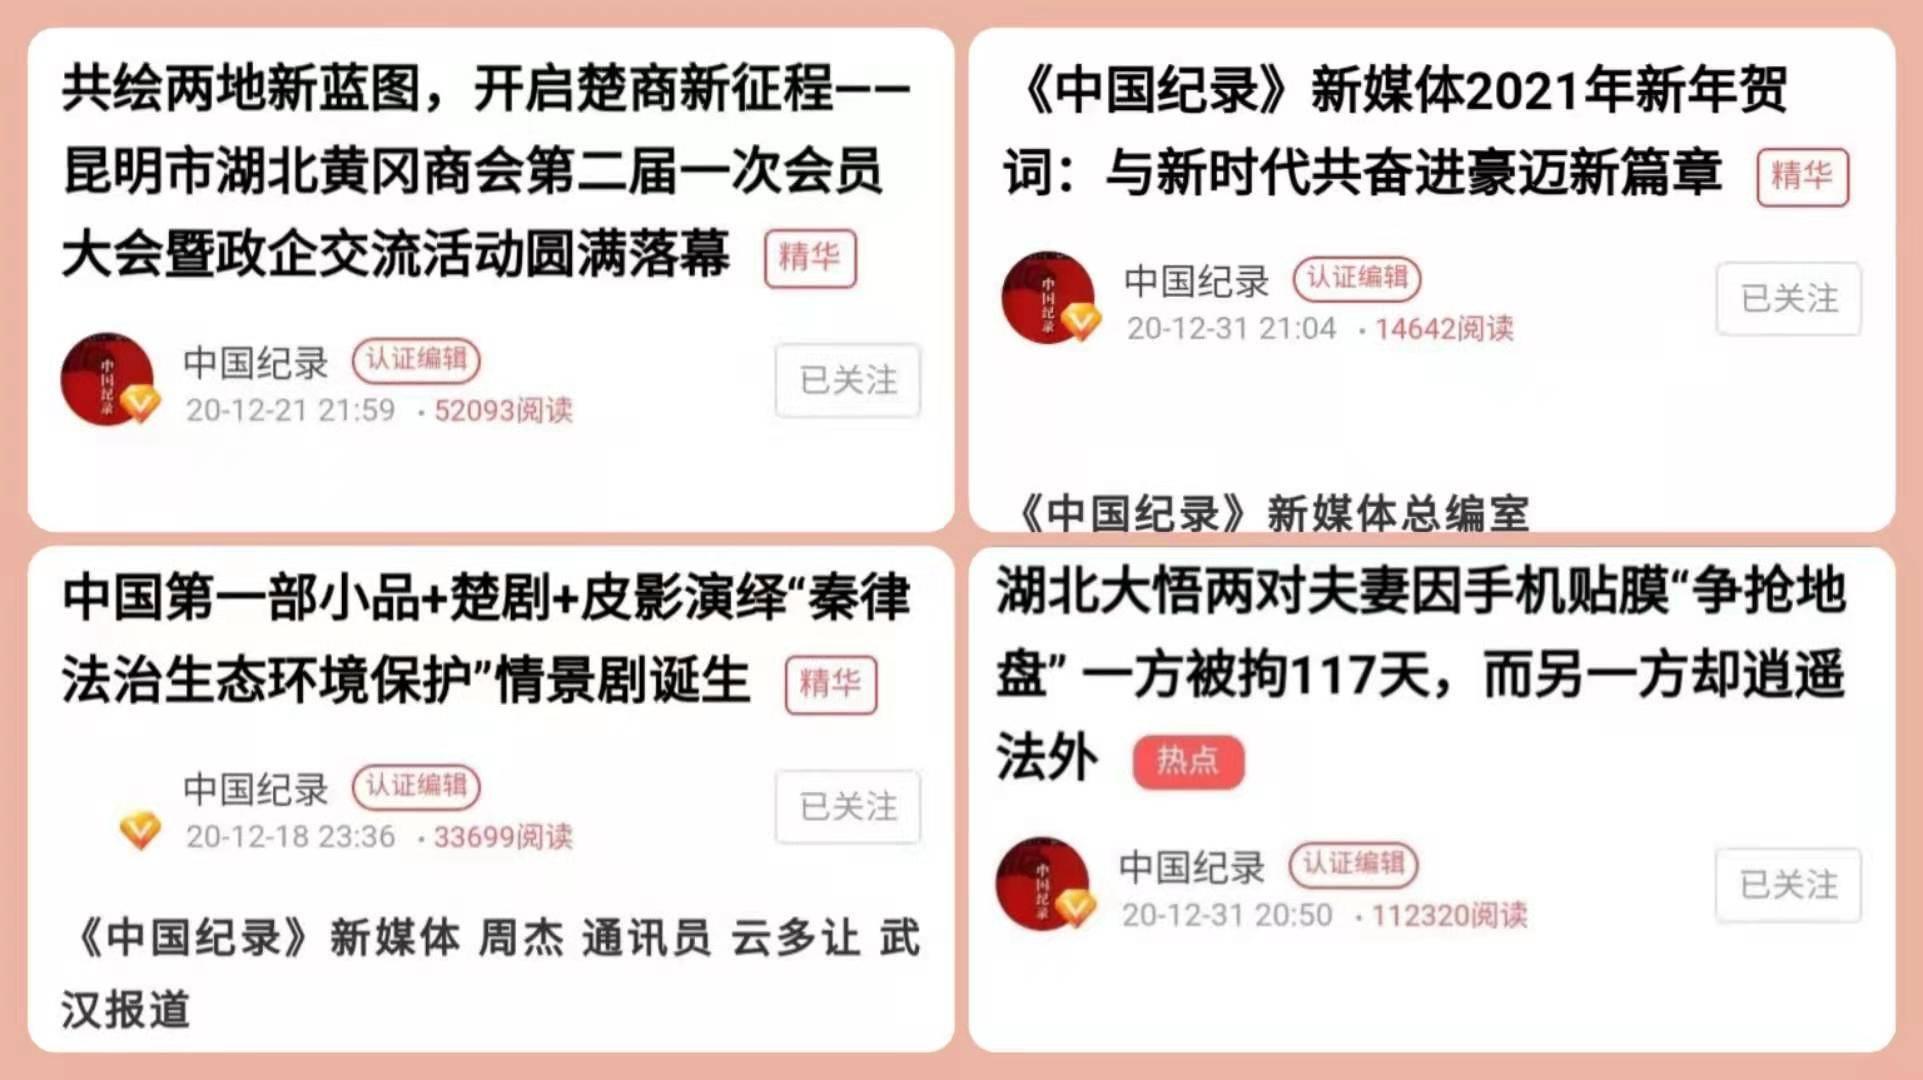 《中国纪录》新媒体2020年12月发稿汇总,武汉采编团队排名第一